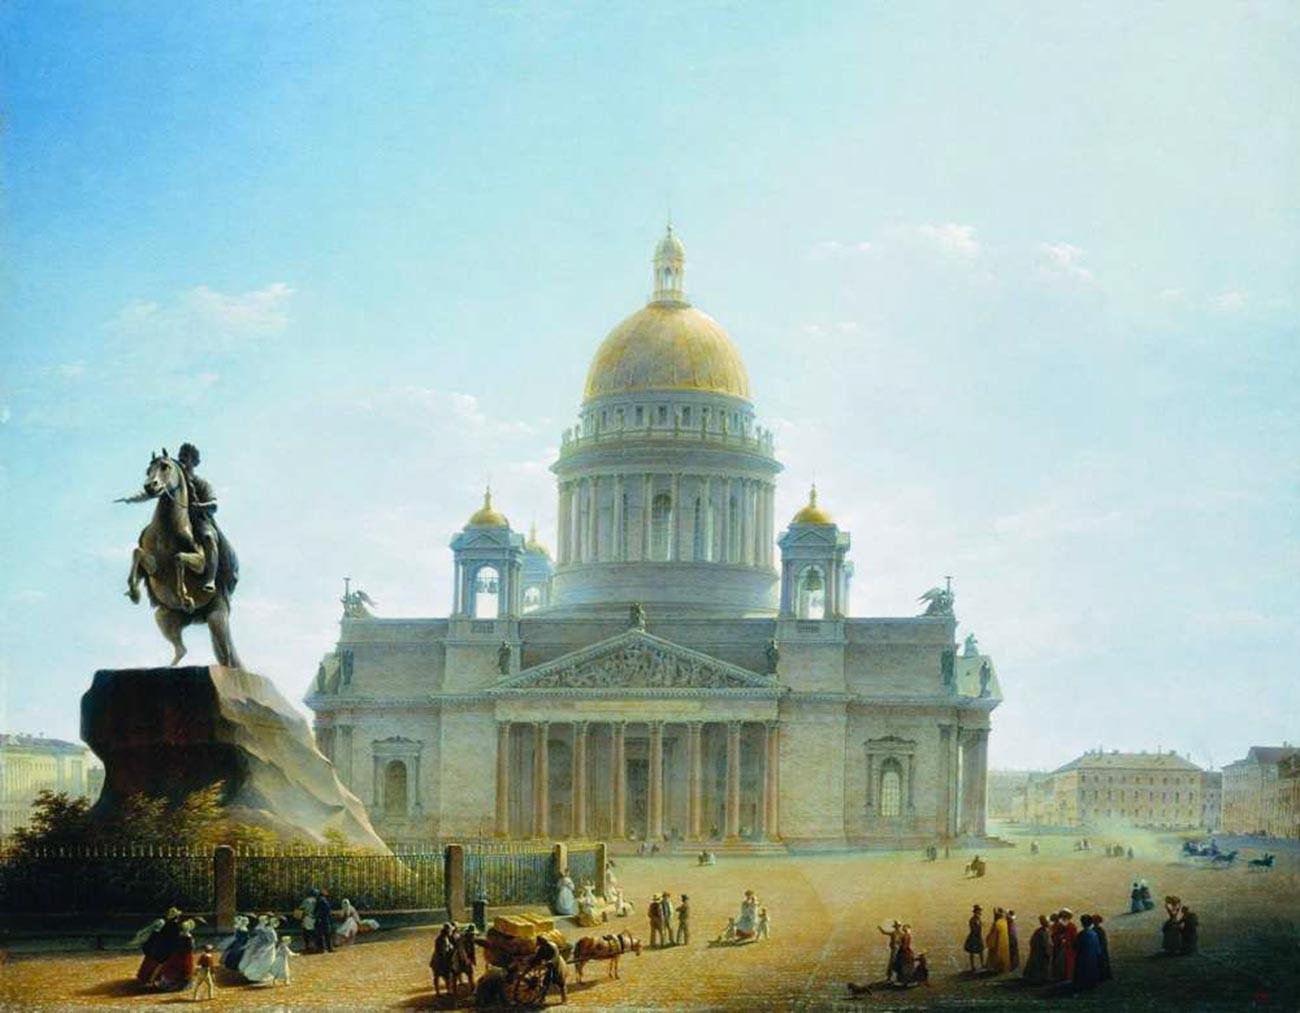 La cathédrale Saint-Isaac et le Cavalier de bronze, monument à Pierre le Grand. Fin des années 1820 - début des années 1830